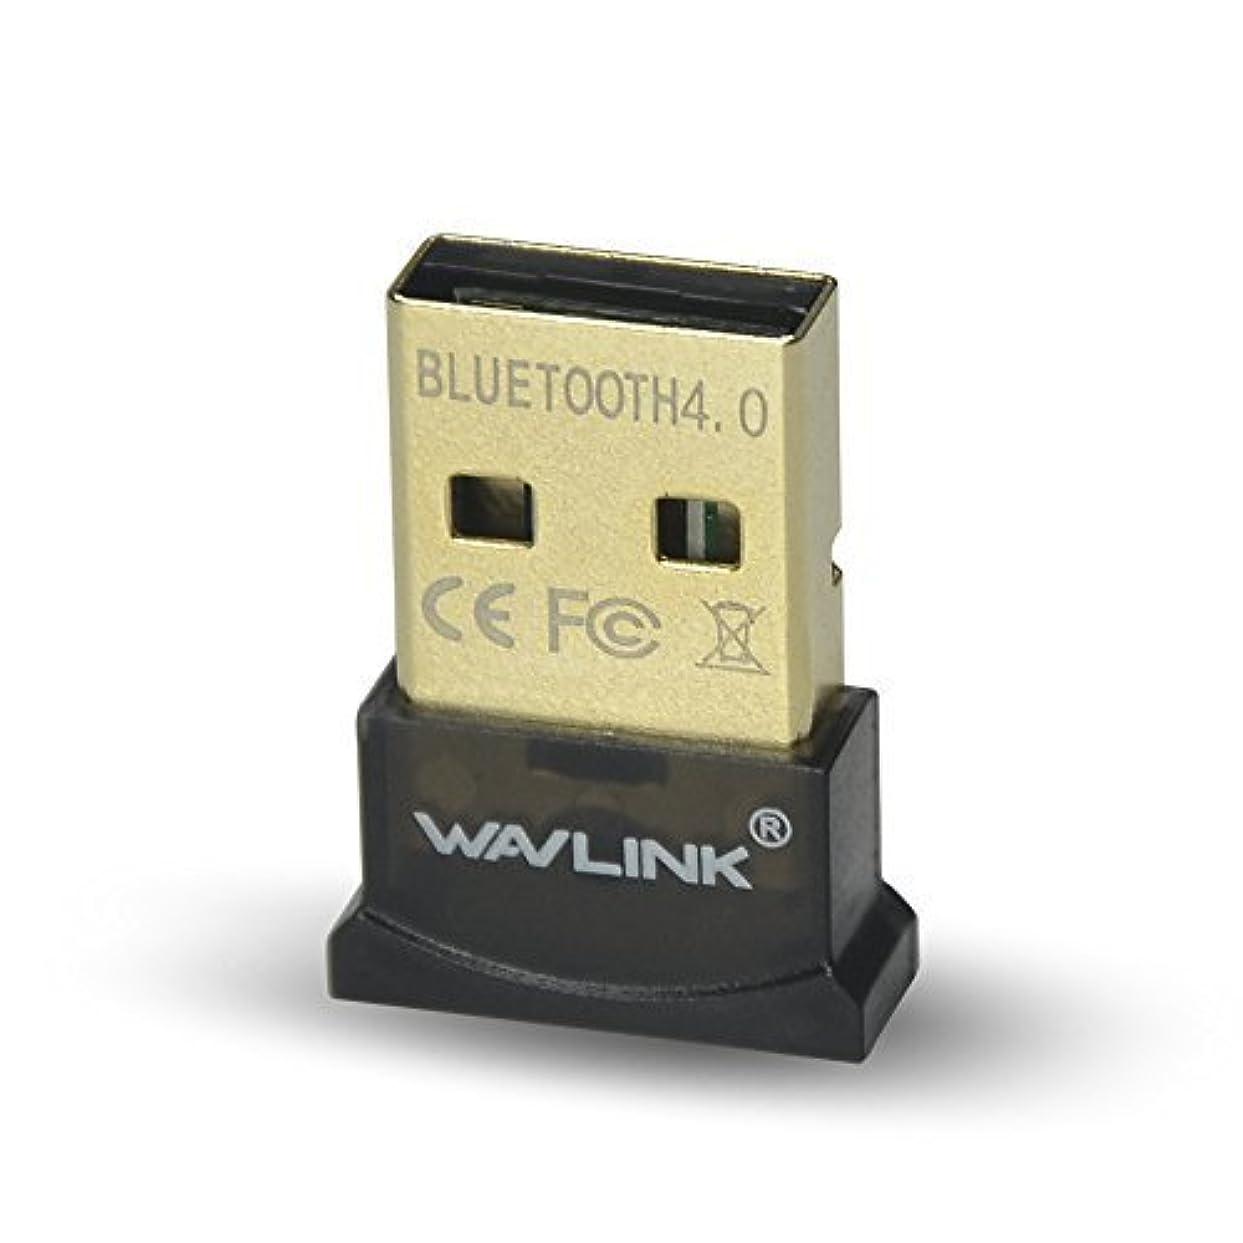 ジャズ吹きさらし怒ってWavlink USB BluetoothアダプタのCSR4.0 Windows 8/ RT / 7/ Vista/XP対応 無線 通信 ブルートゥース アダプター USBレシーバー bluetoothアダプター usb ブルートゥース アダプター